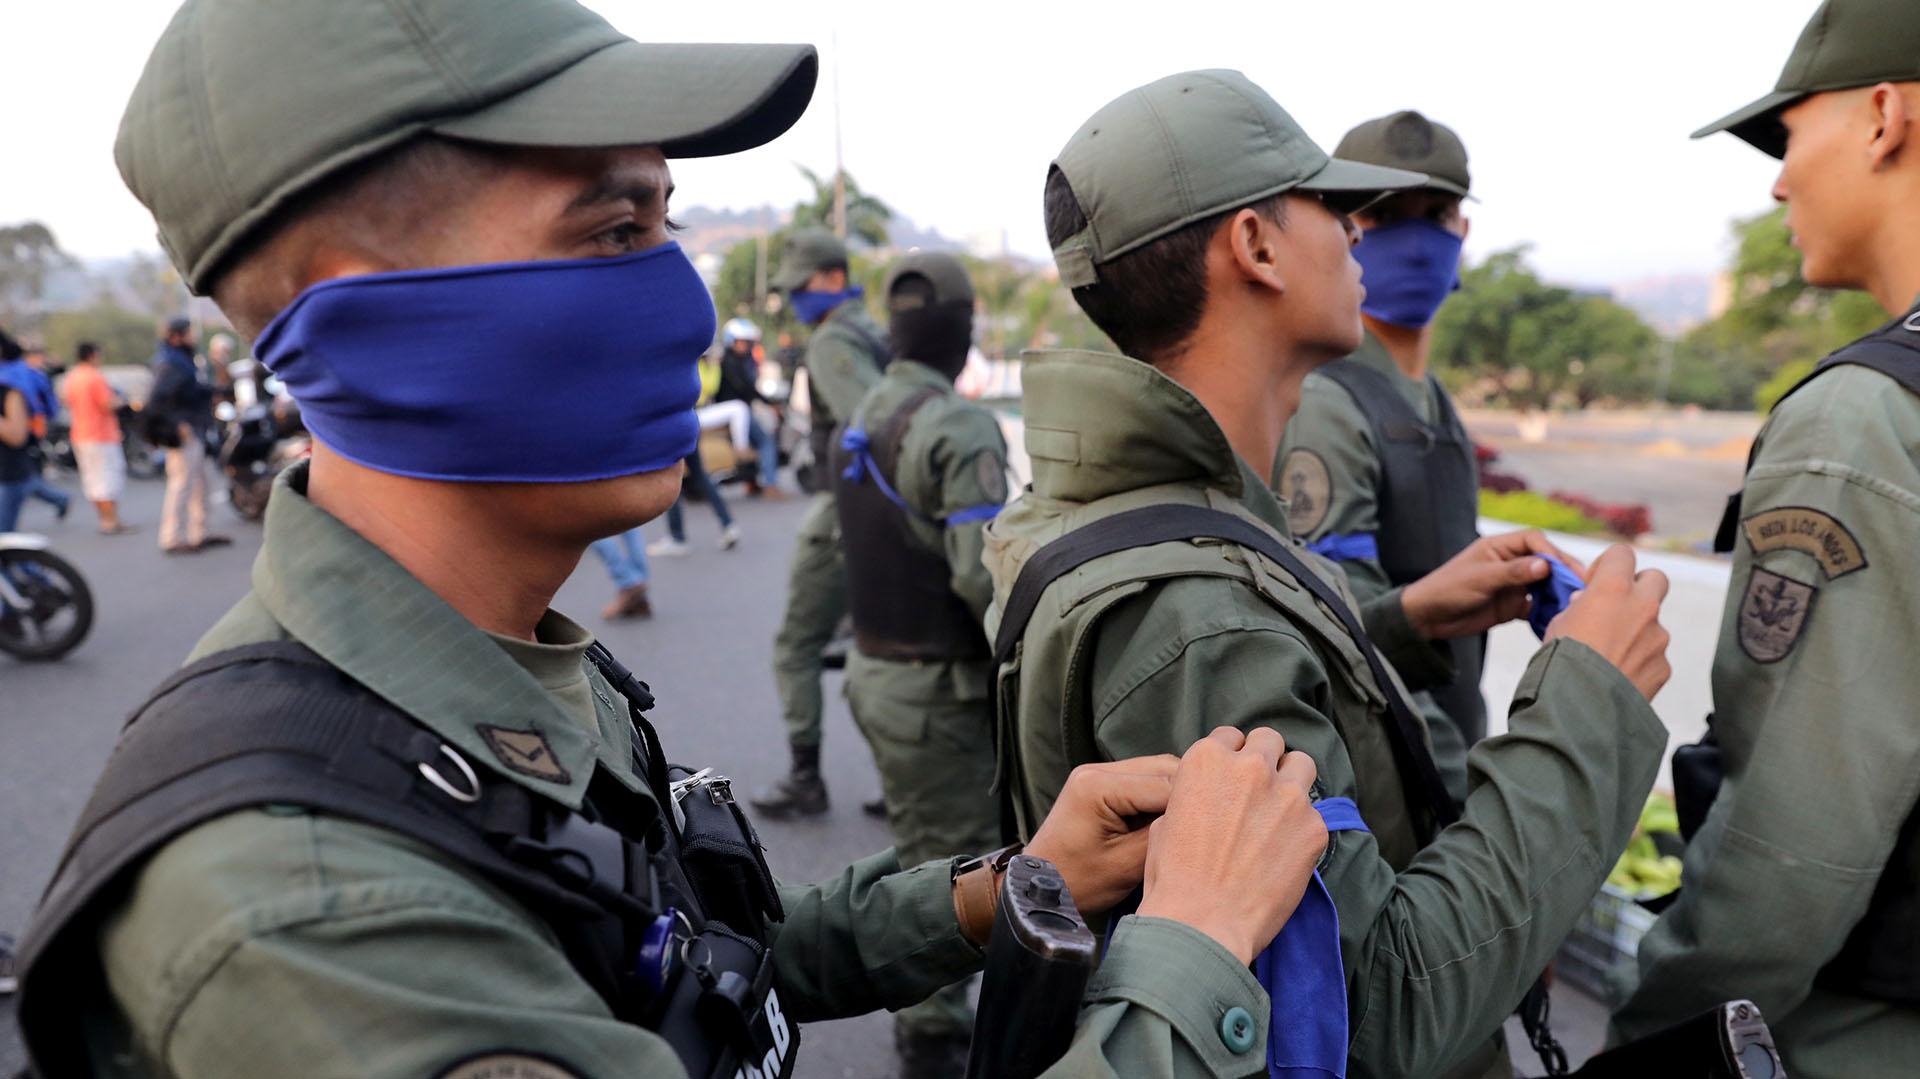 """Militares con una cinta azul en el brazo cerca de la Base Aérea """"La Carlota"""" en Caracas, Venezuela, el 30 de abril de 2019. REUTERS/Manaure Quintero"""